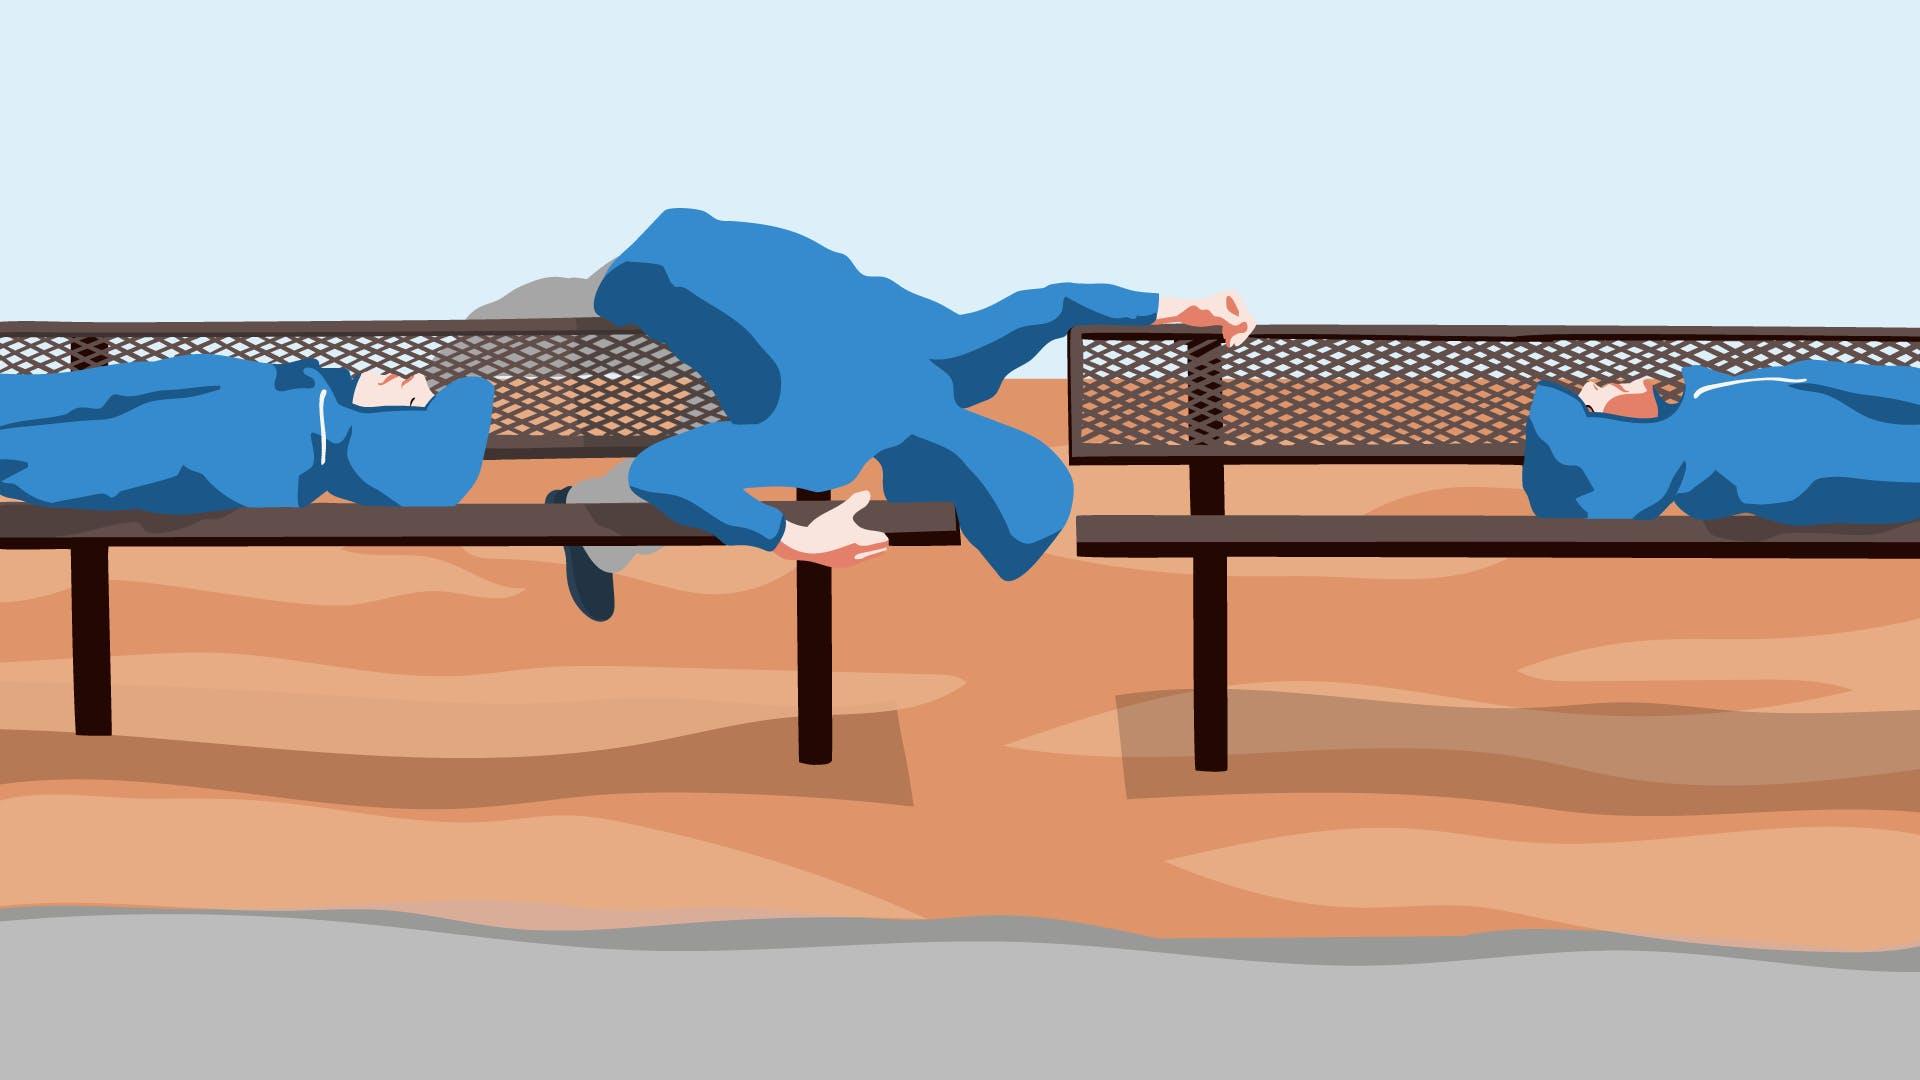 Zwei Sportler mit blauen Jacken auf einer Sitzbank liegend, ein Dritter lehnt sich über das Geländer.